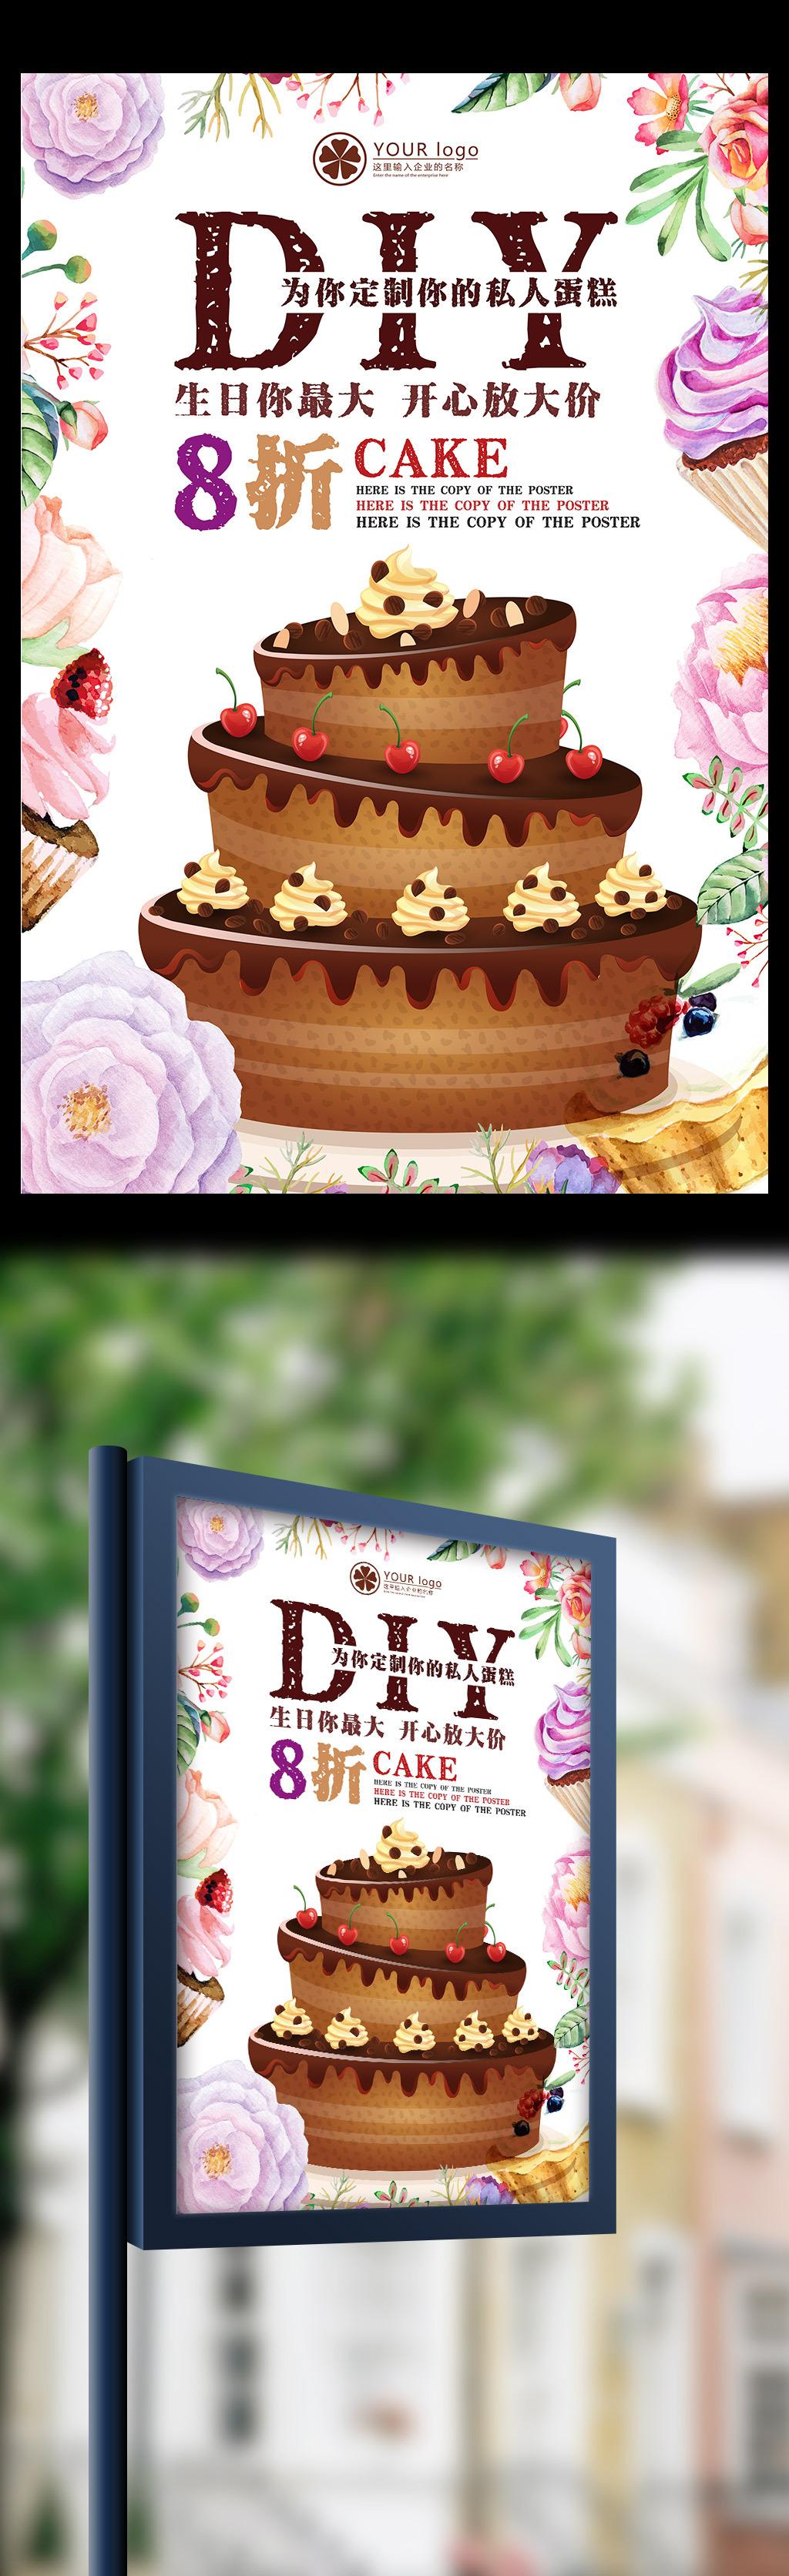 手绘蛋糕店打折促销宣传海报模板素材模板